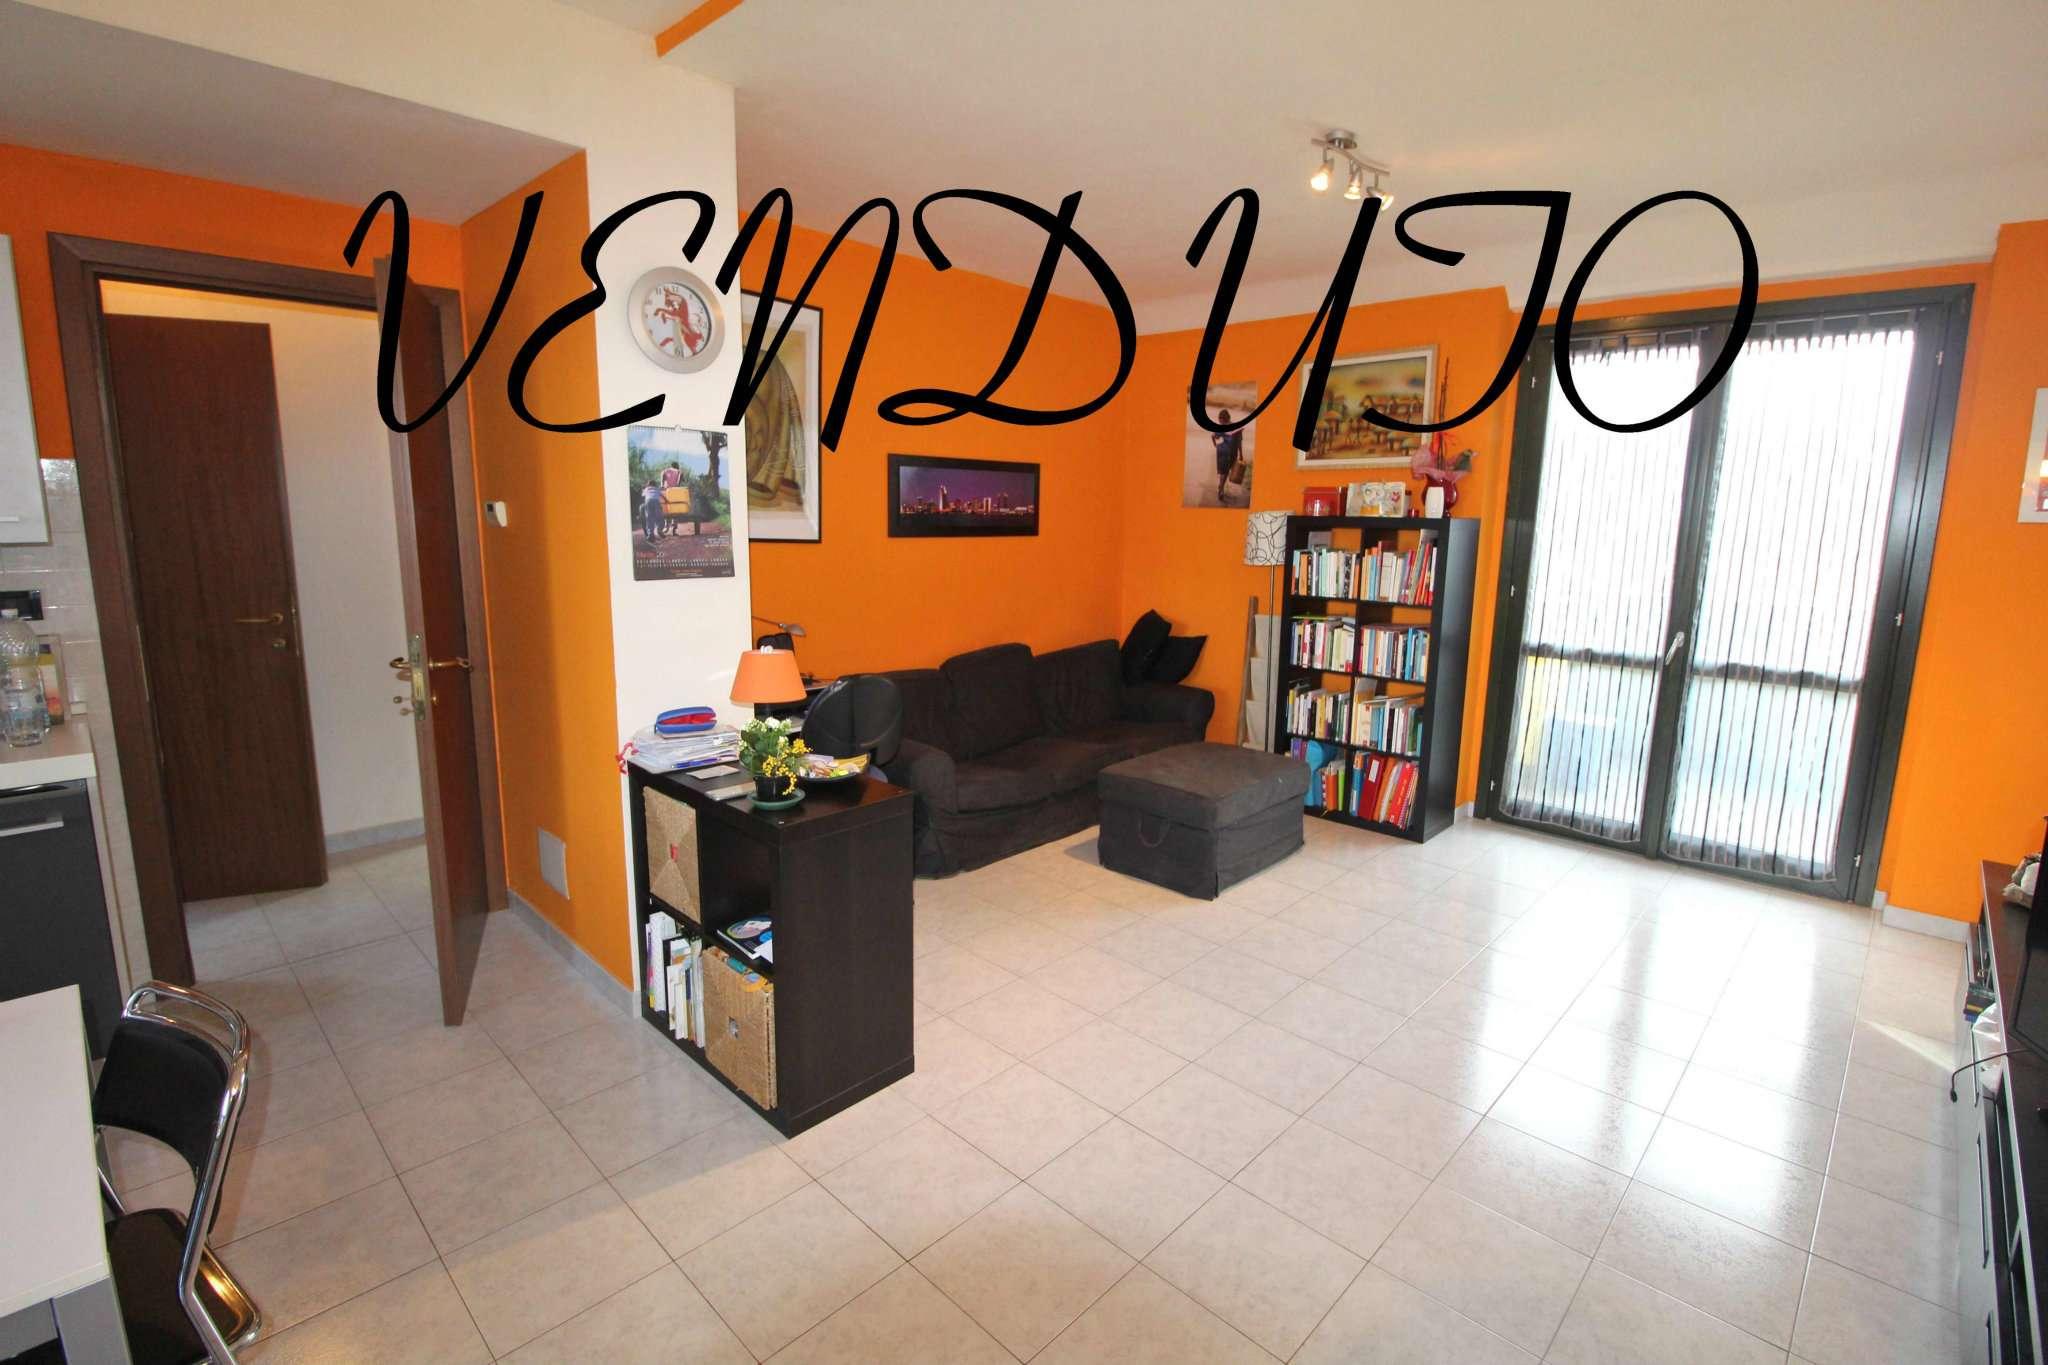 Attico / Mansarda in vendita a Volvera, 3 locali, prezzo € 116.000 | CambioCasa.it